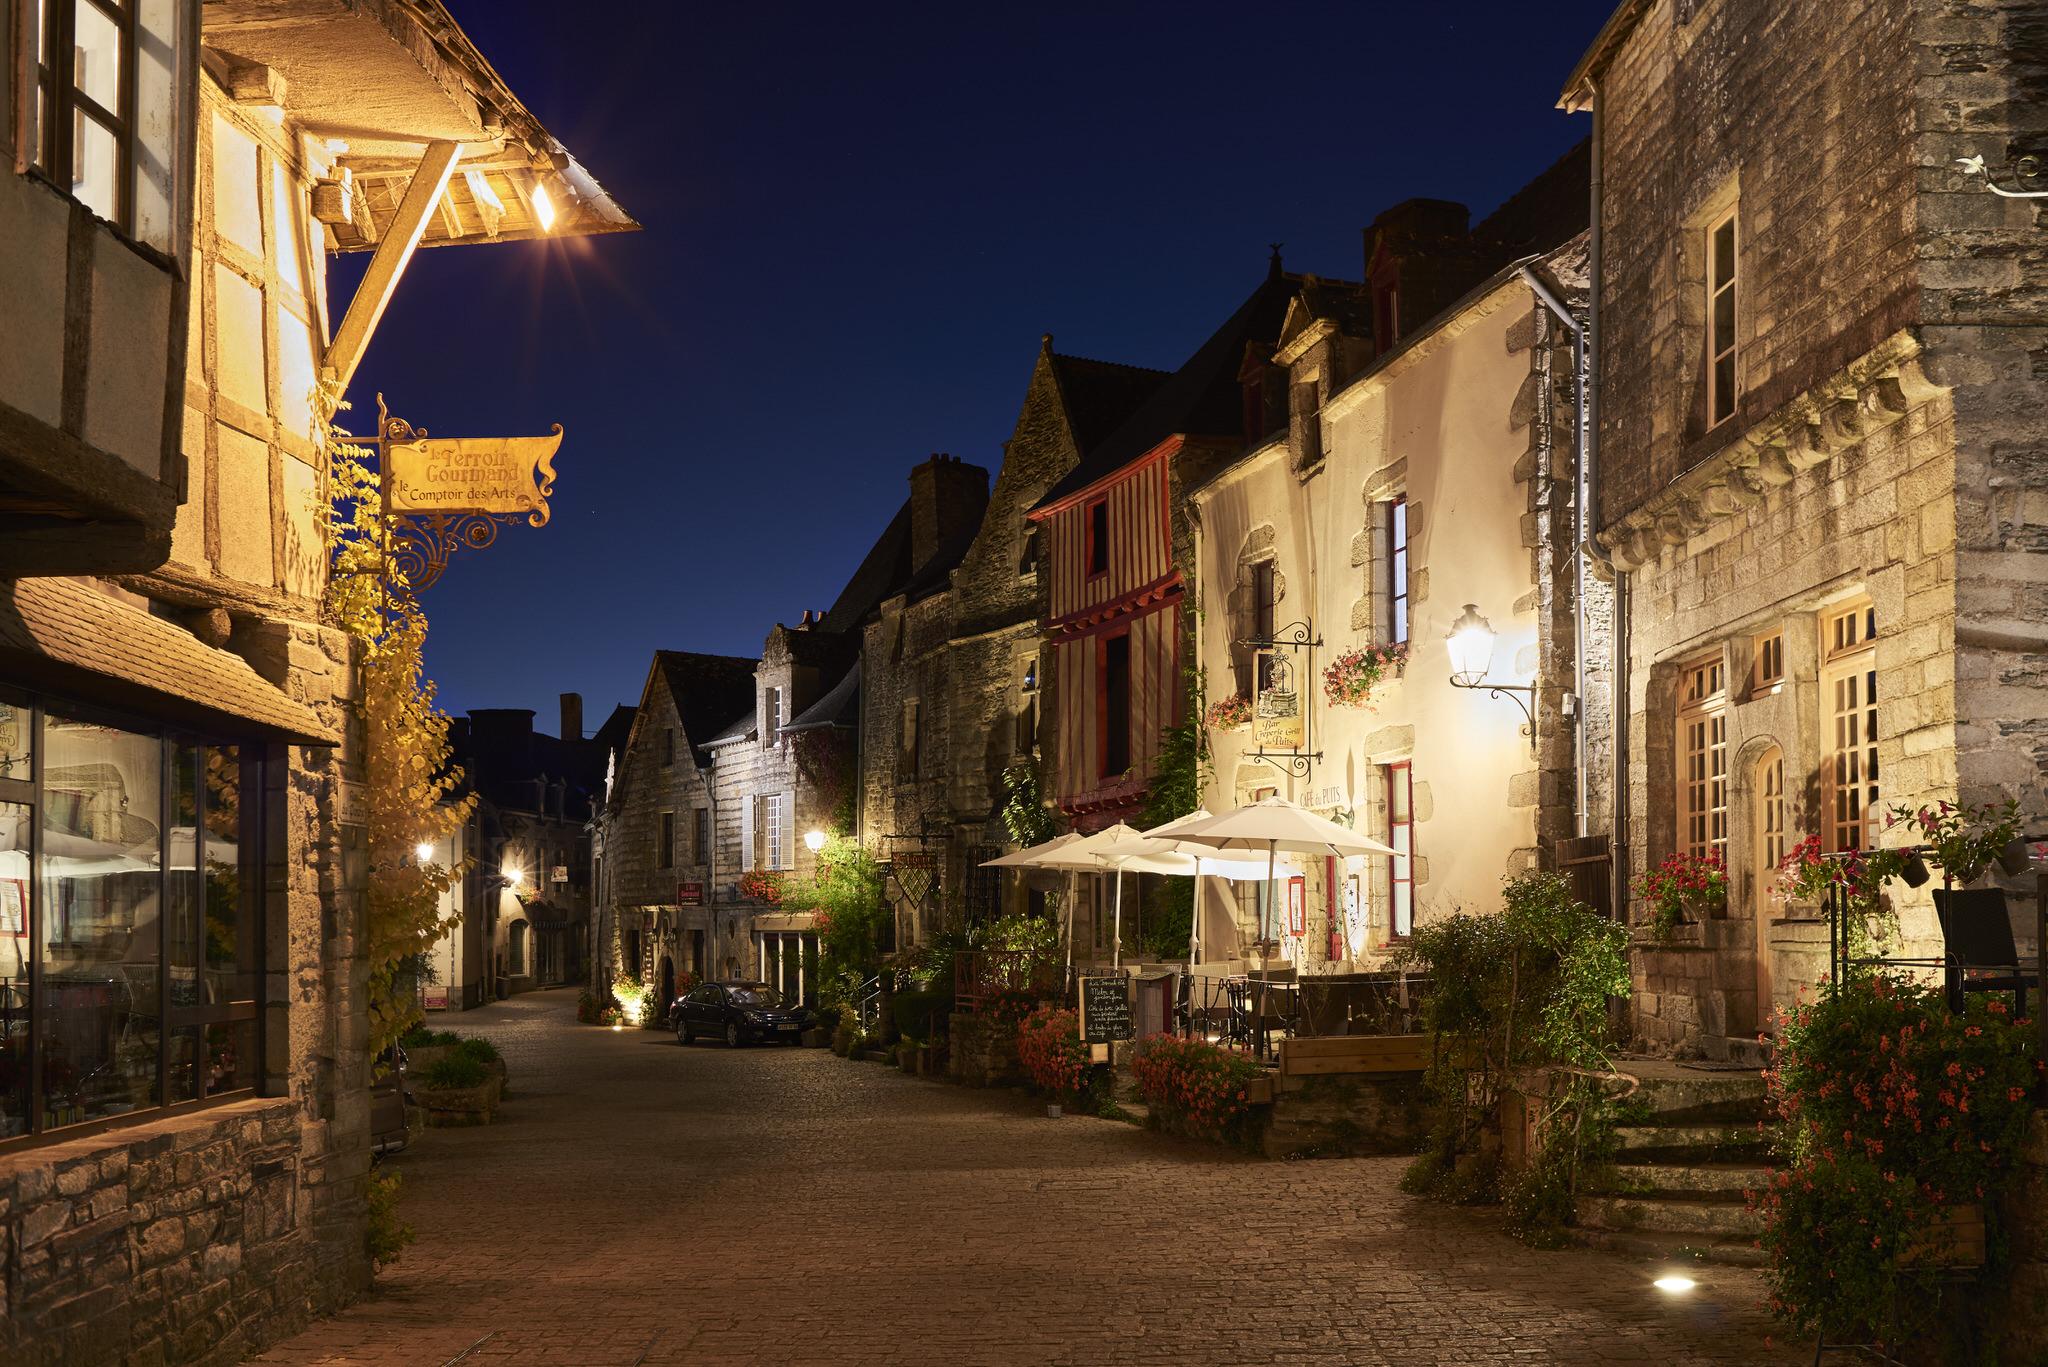 Rochefort en Terre, balade dans les rues éclairées